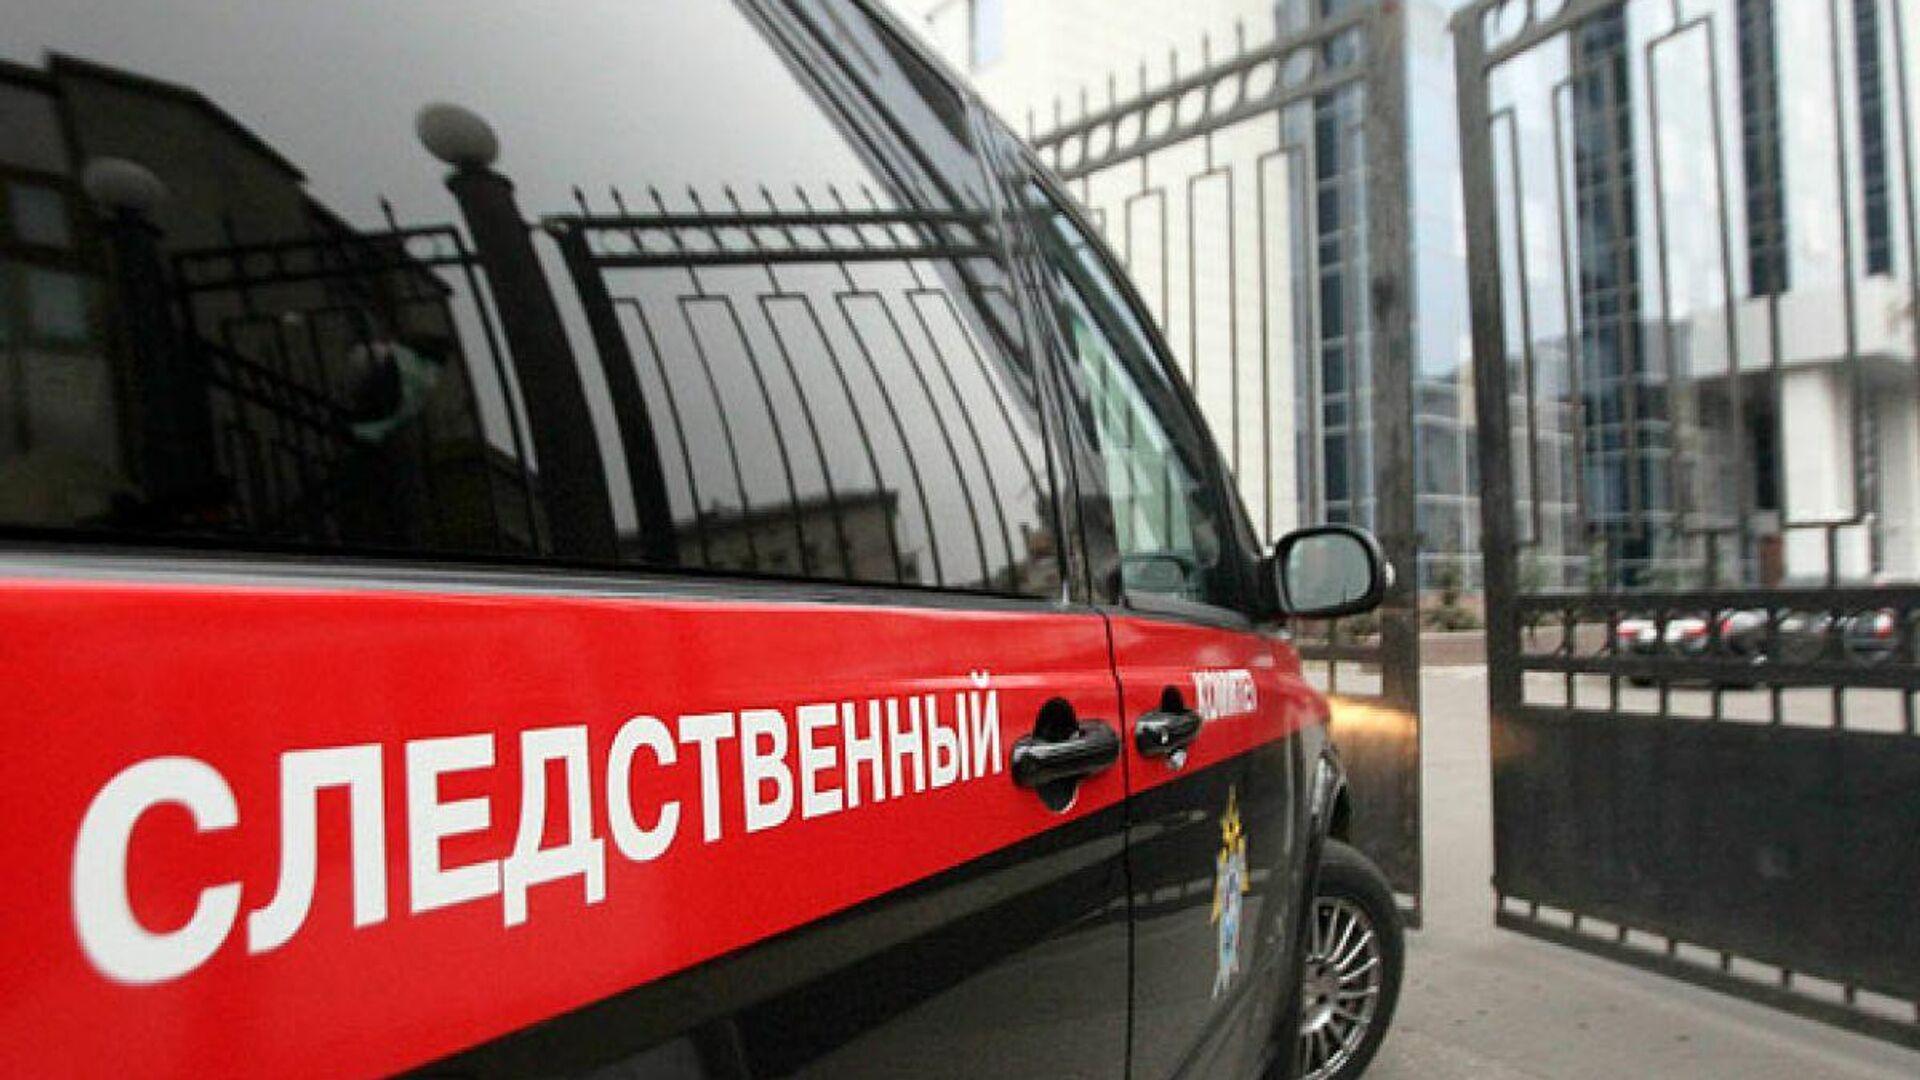 Мэрию Оренбурга заподозрили в нецелевом расходовании 12 миллионов рублей